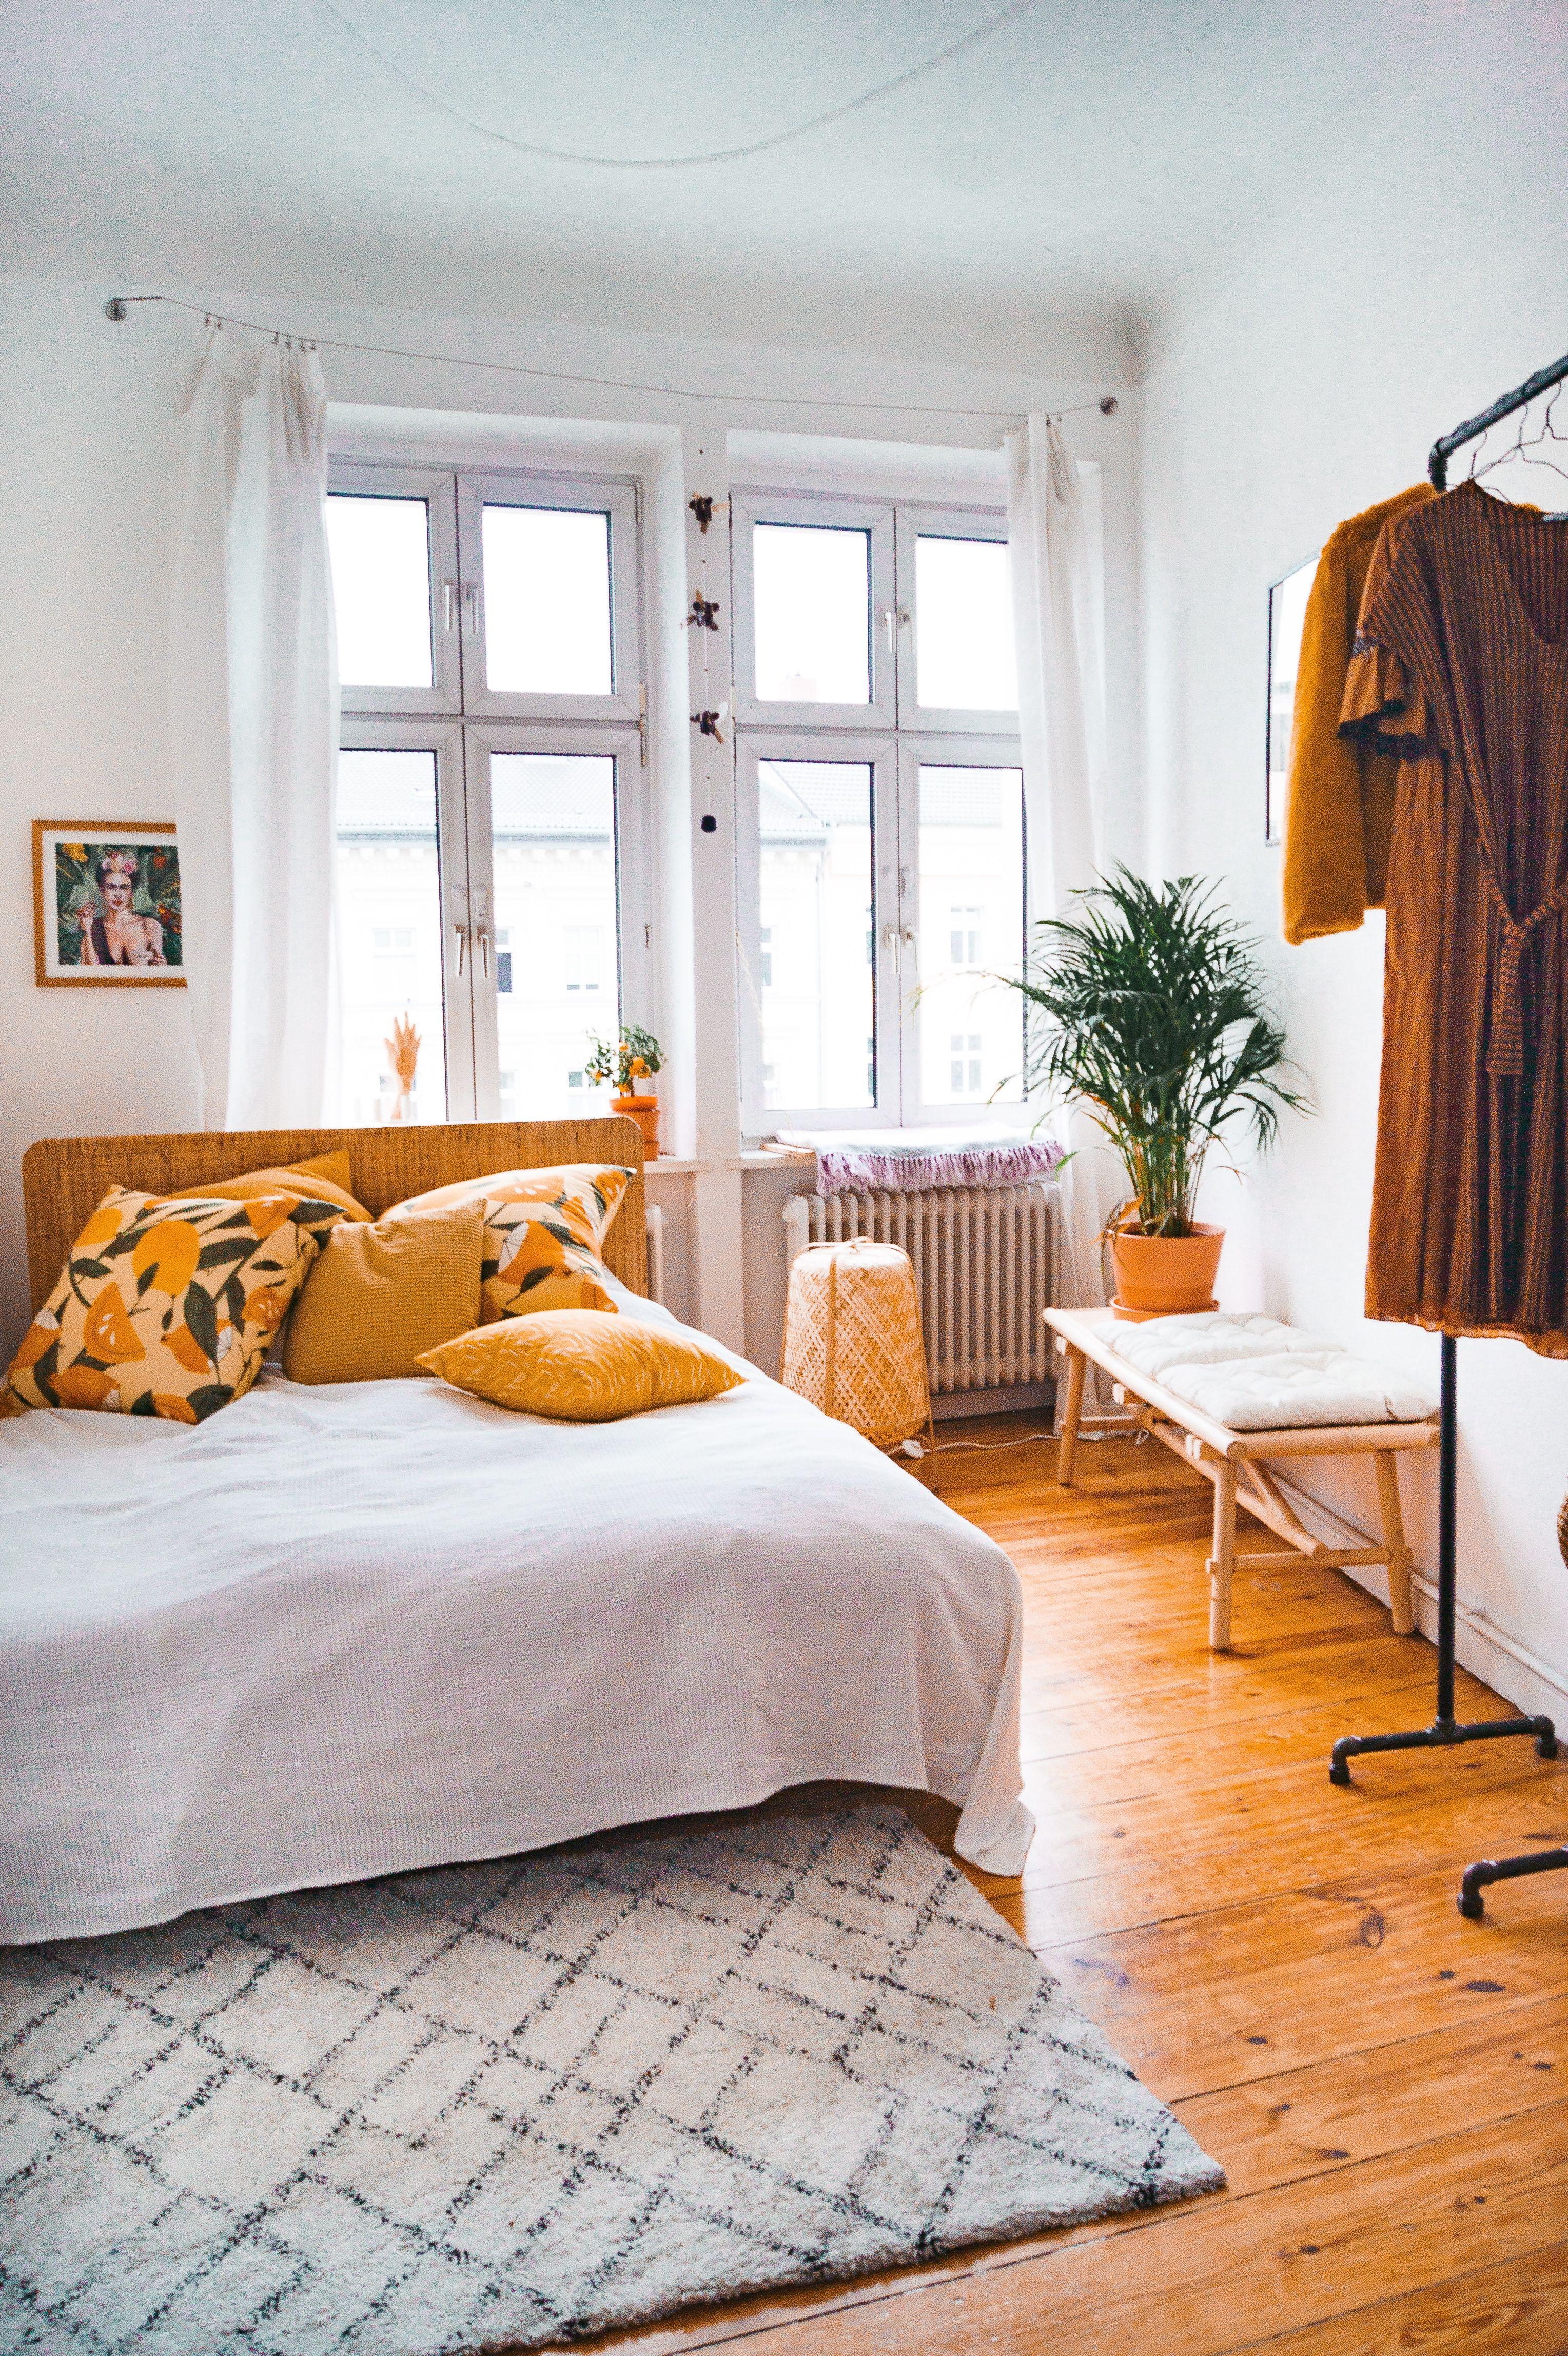 Deko Tipps Zum Wohlfuhl Wohnen Wohnen Schlafzimmer Einrichten Innenarchitektur Wohnzimmer